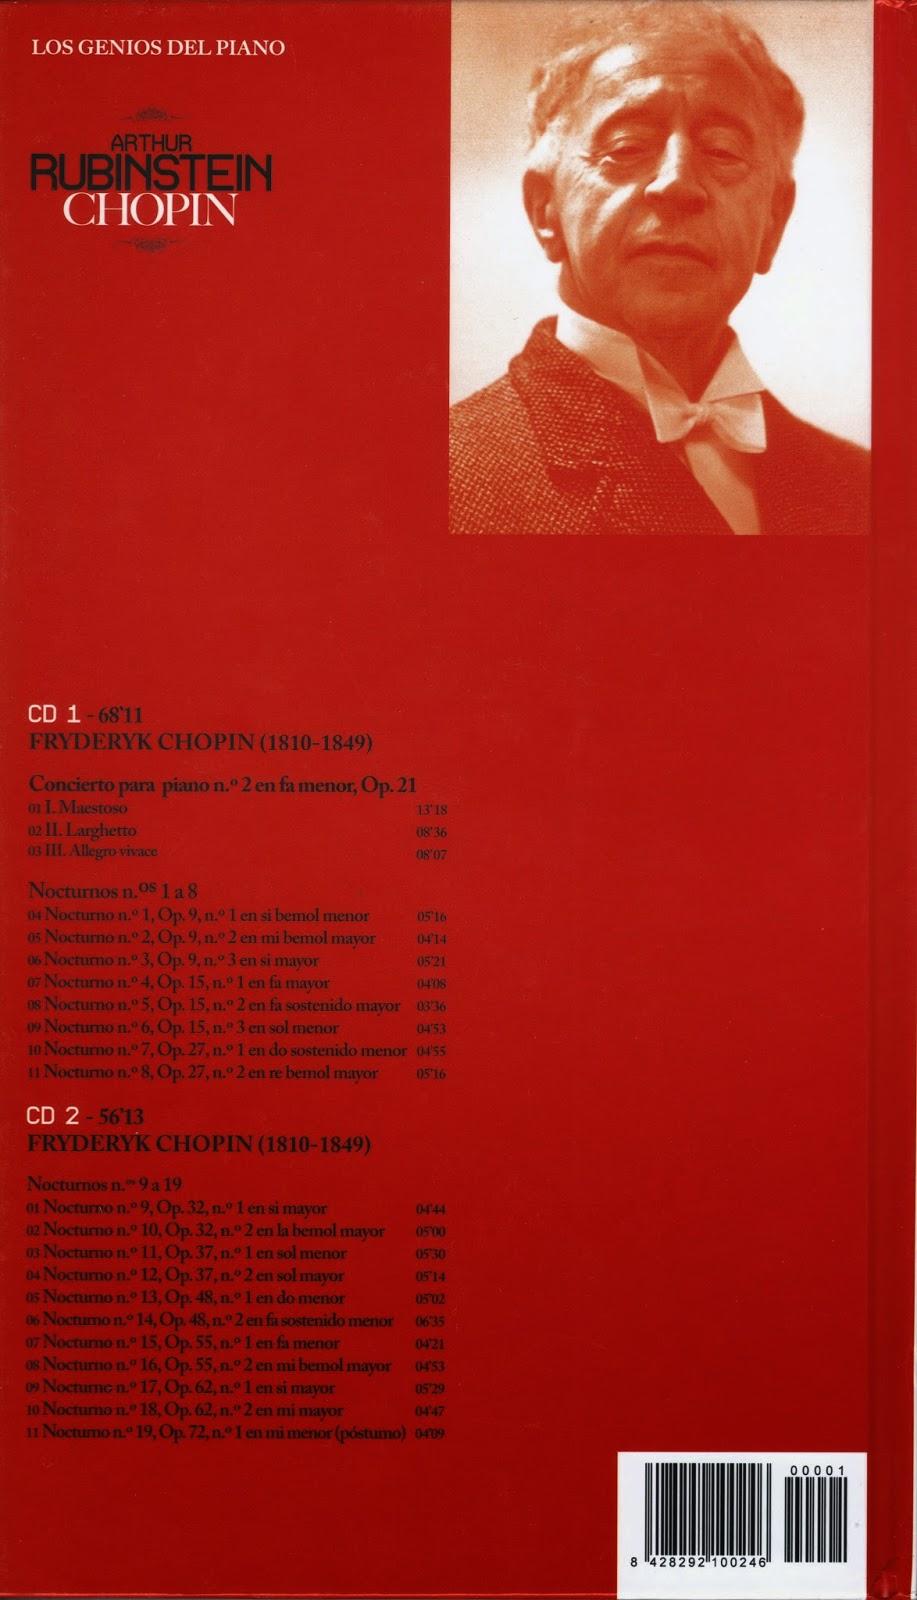 Imagen de Colección Los Genios del Piano-01-Arthur Rubinstein & Chopin-trasera